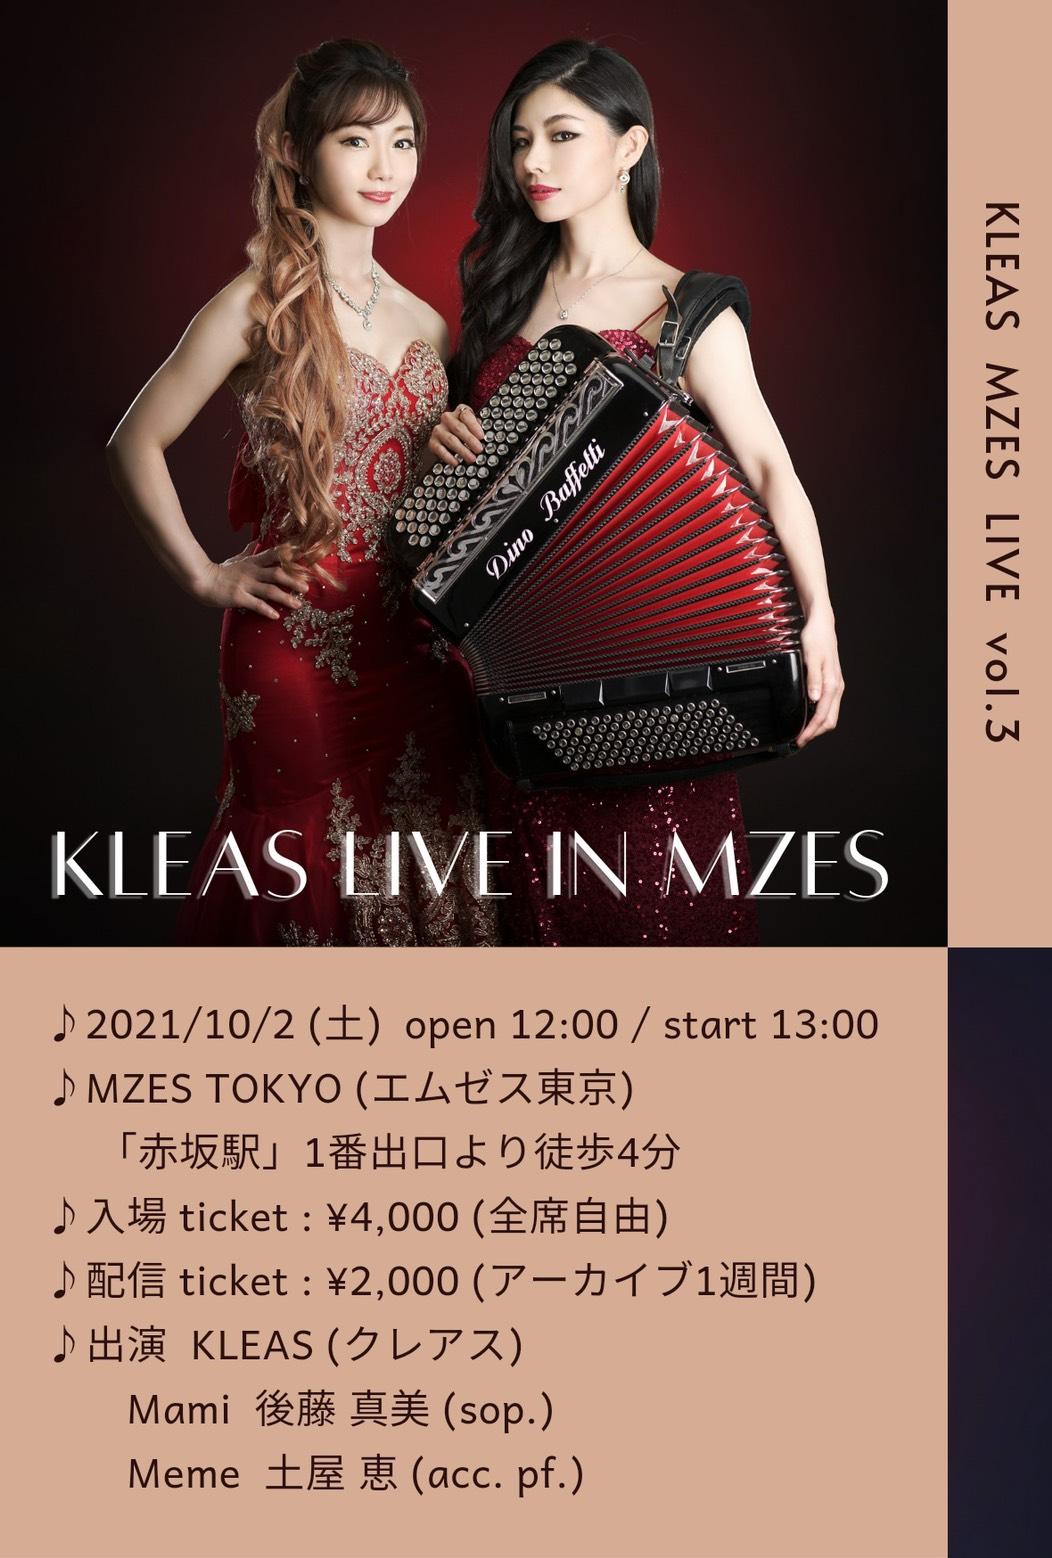 【配信】KLEAS LIVE IN MZES